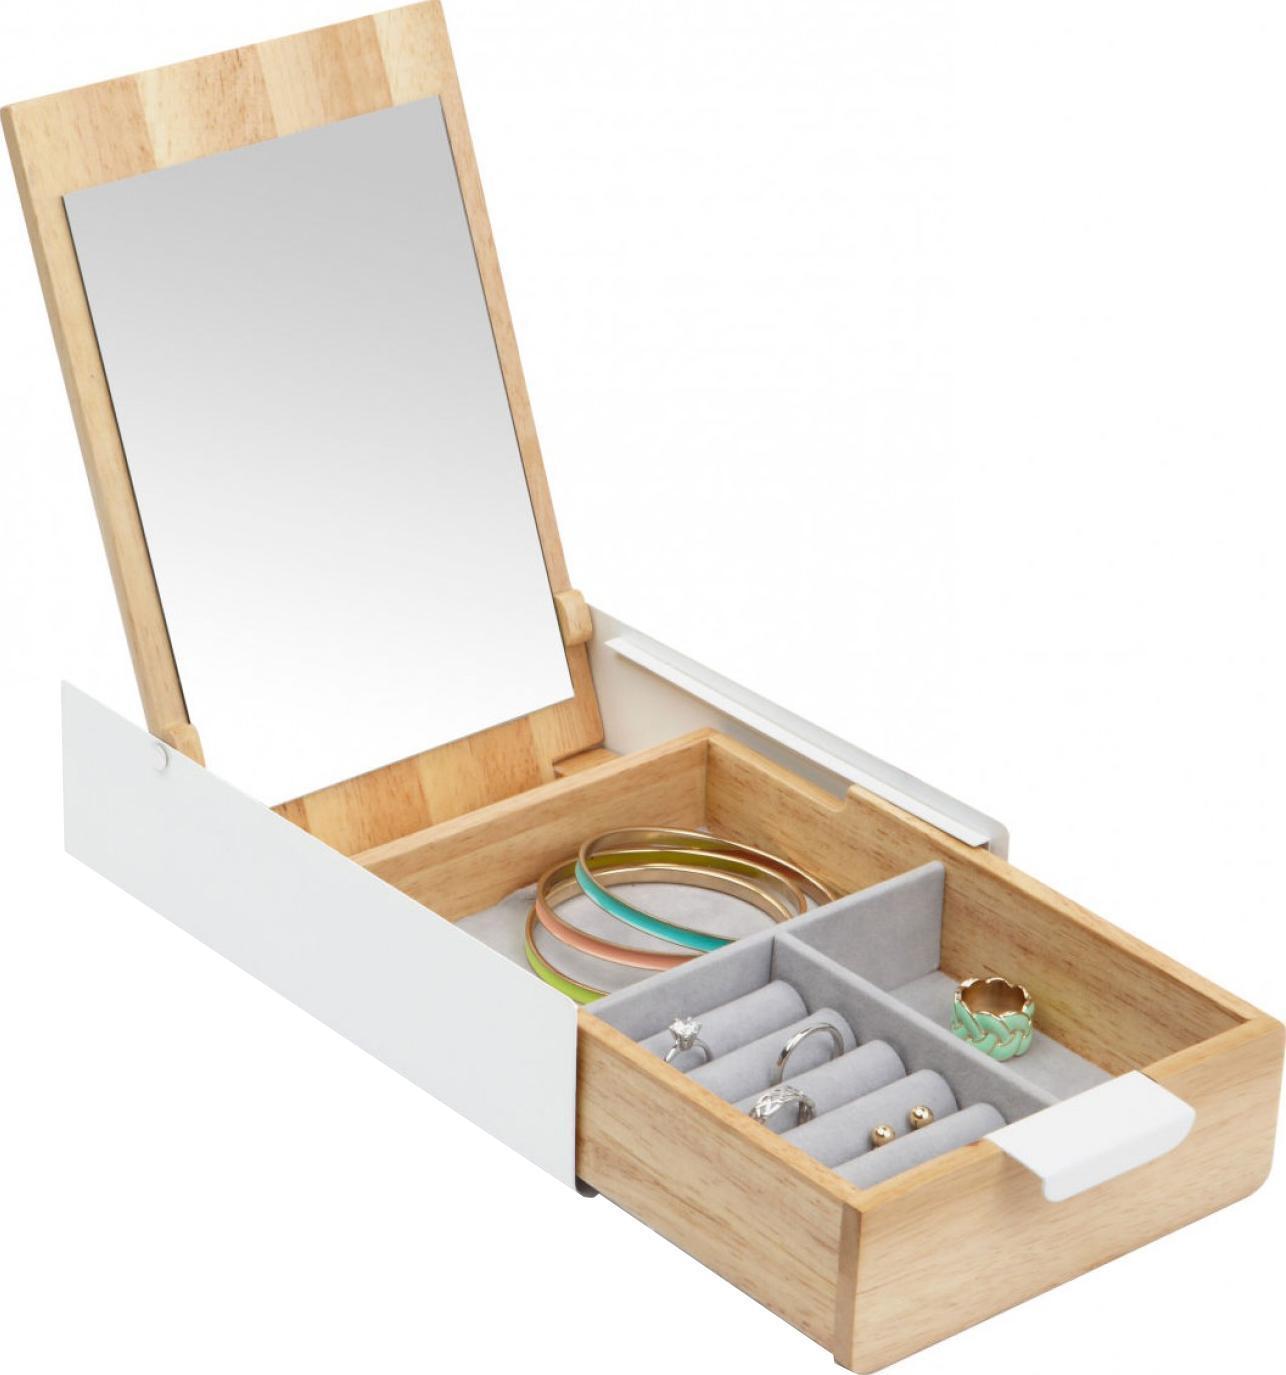 Шкатулка для украшений Reflexion290242-668Шкатулка для украшений, внутри которой прячется зеркало (так что теперь не надо никуда бежать, чтобы вдеть в уши серьги). Просто потяните за ручку - и раз! - конструкция откроется, разложив перед вами весь арсенал драгоценностей. Несколько отделений разного размера и конфигурации помогут разместить аксессуары так, чтобы они не спутались и не смешались. А симпатичное сочетание натурального дерева и белого металла сделают шкатулку украшением любой полки.